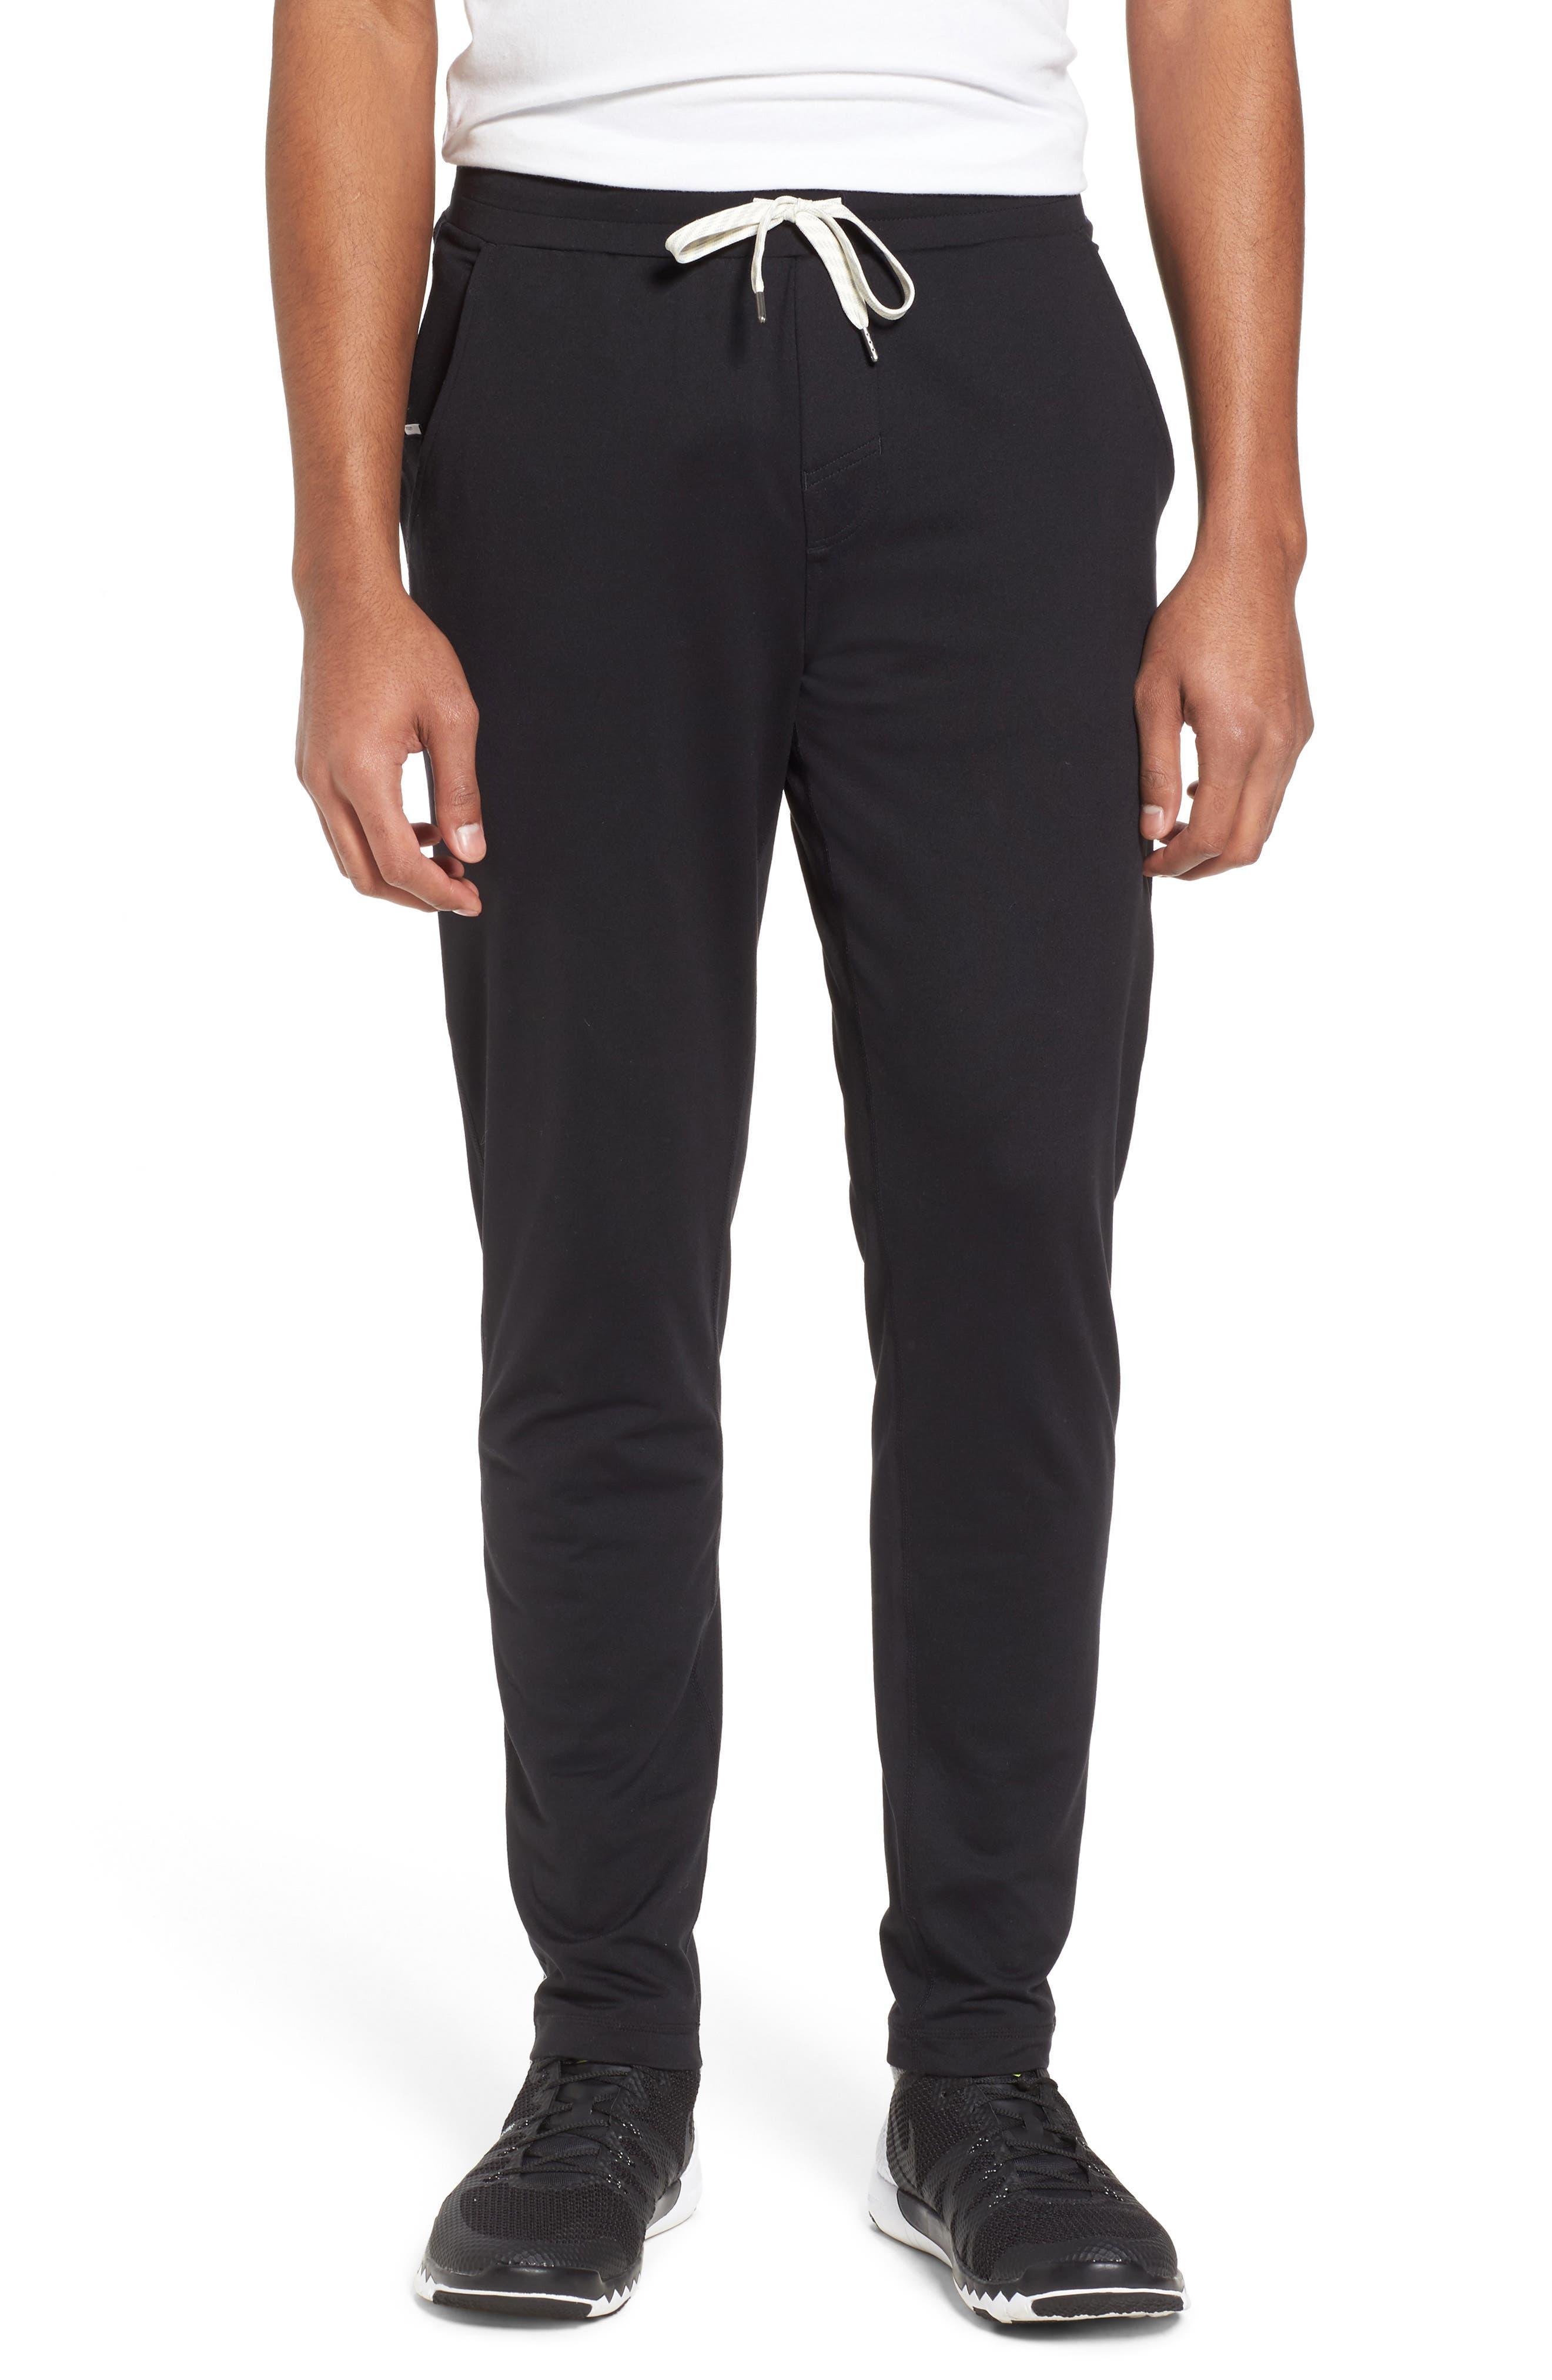 VUORI Ponto Jogger Pants, Main, color, BLACK